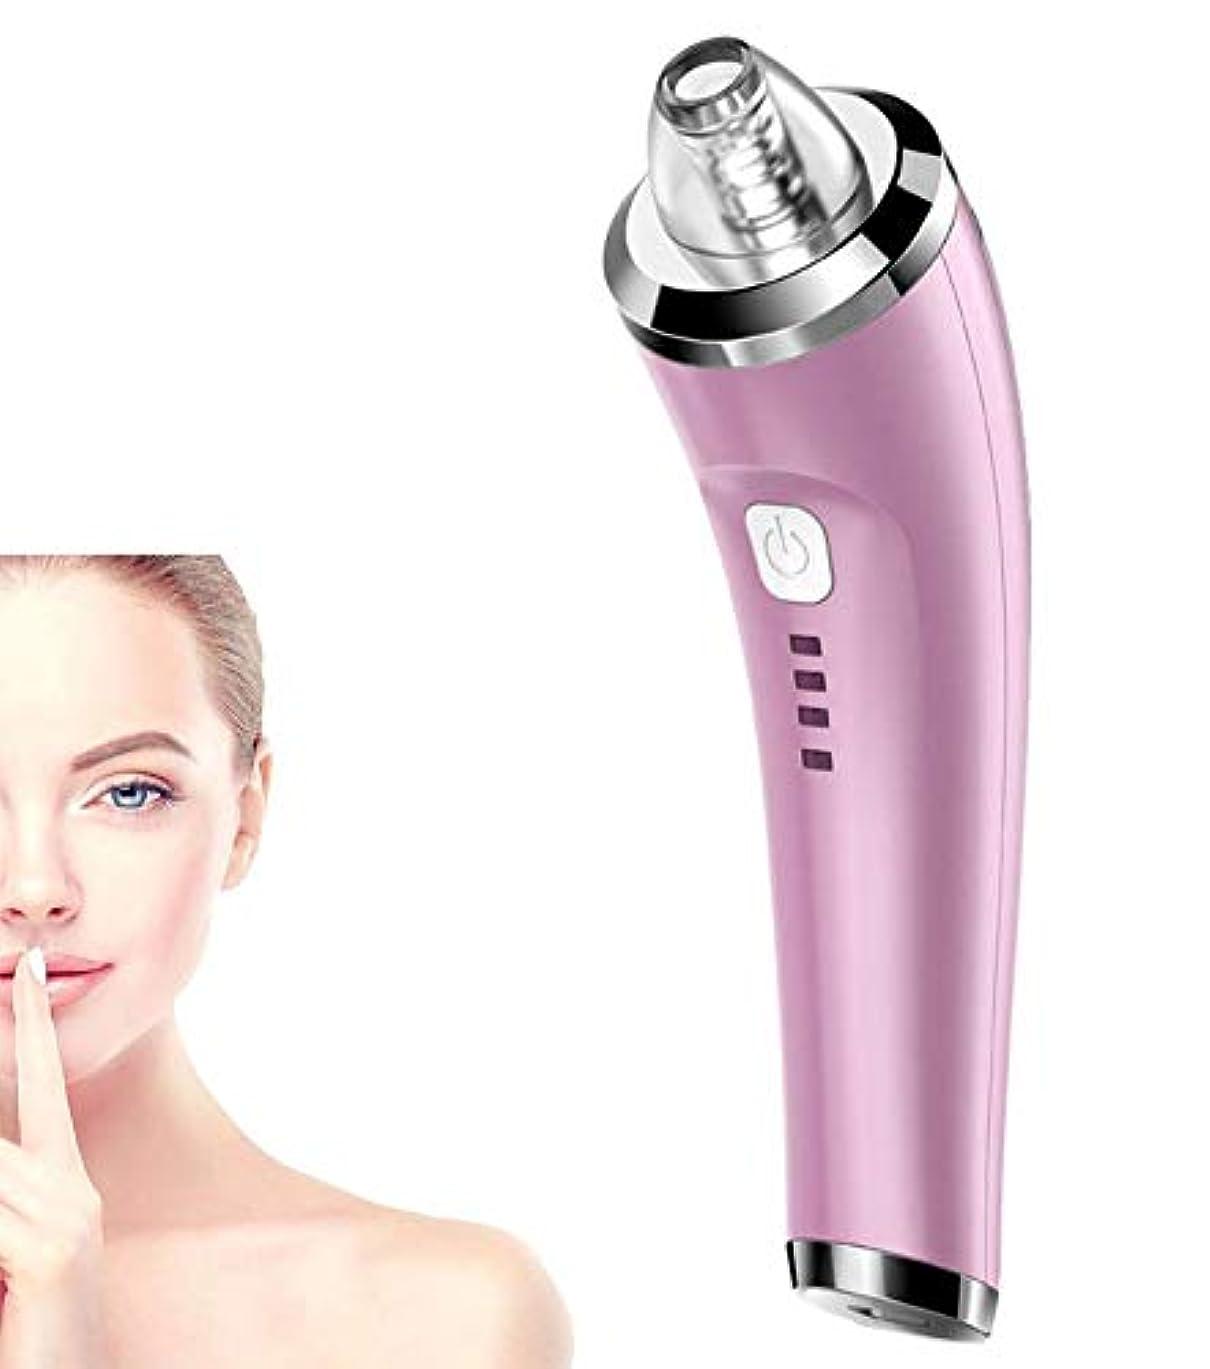 多くの危険がある状況フラッシュのように素早くペレットアクネ顔面美容機器に電気的な黒頭吸引吸引孔のクリーナー,Pink